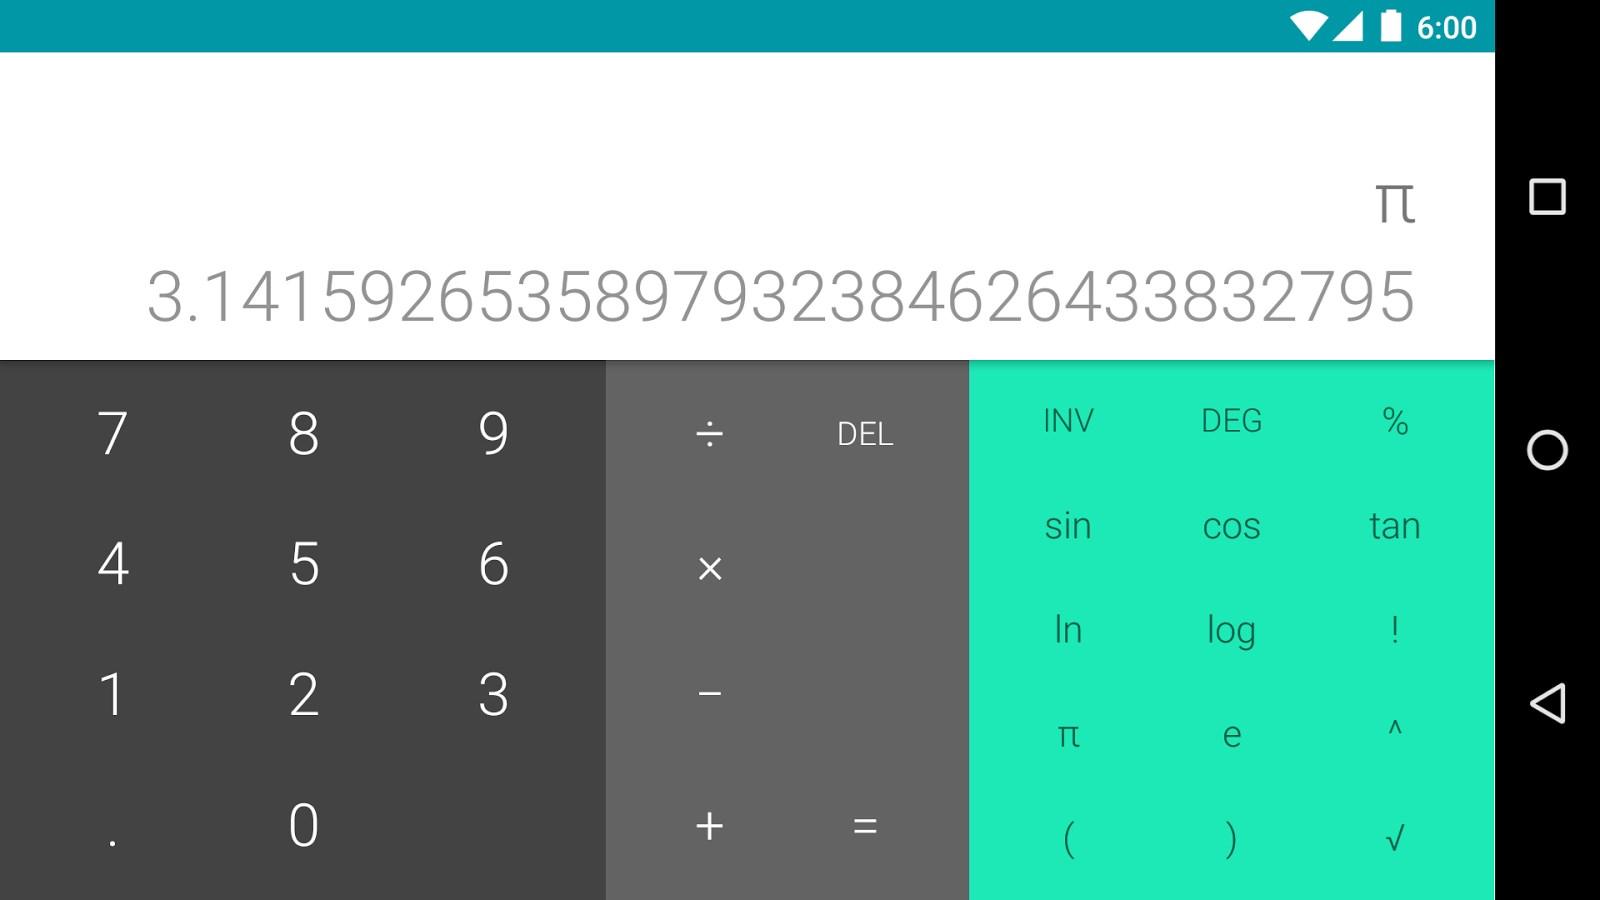 Calculadora - Imagem 1 do software